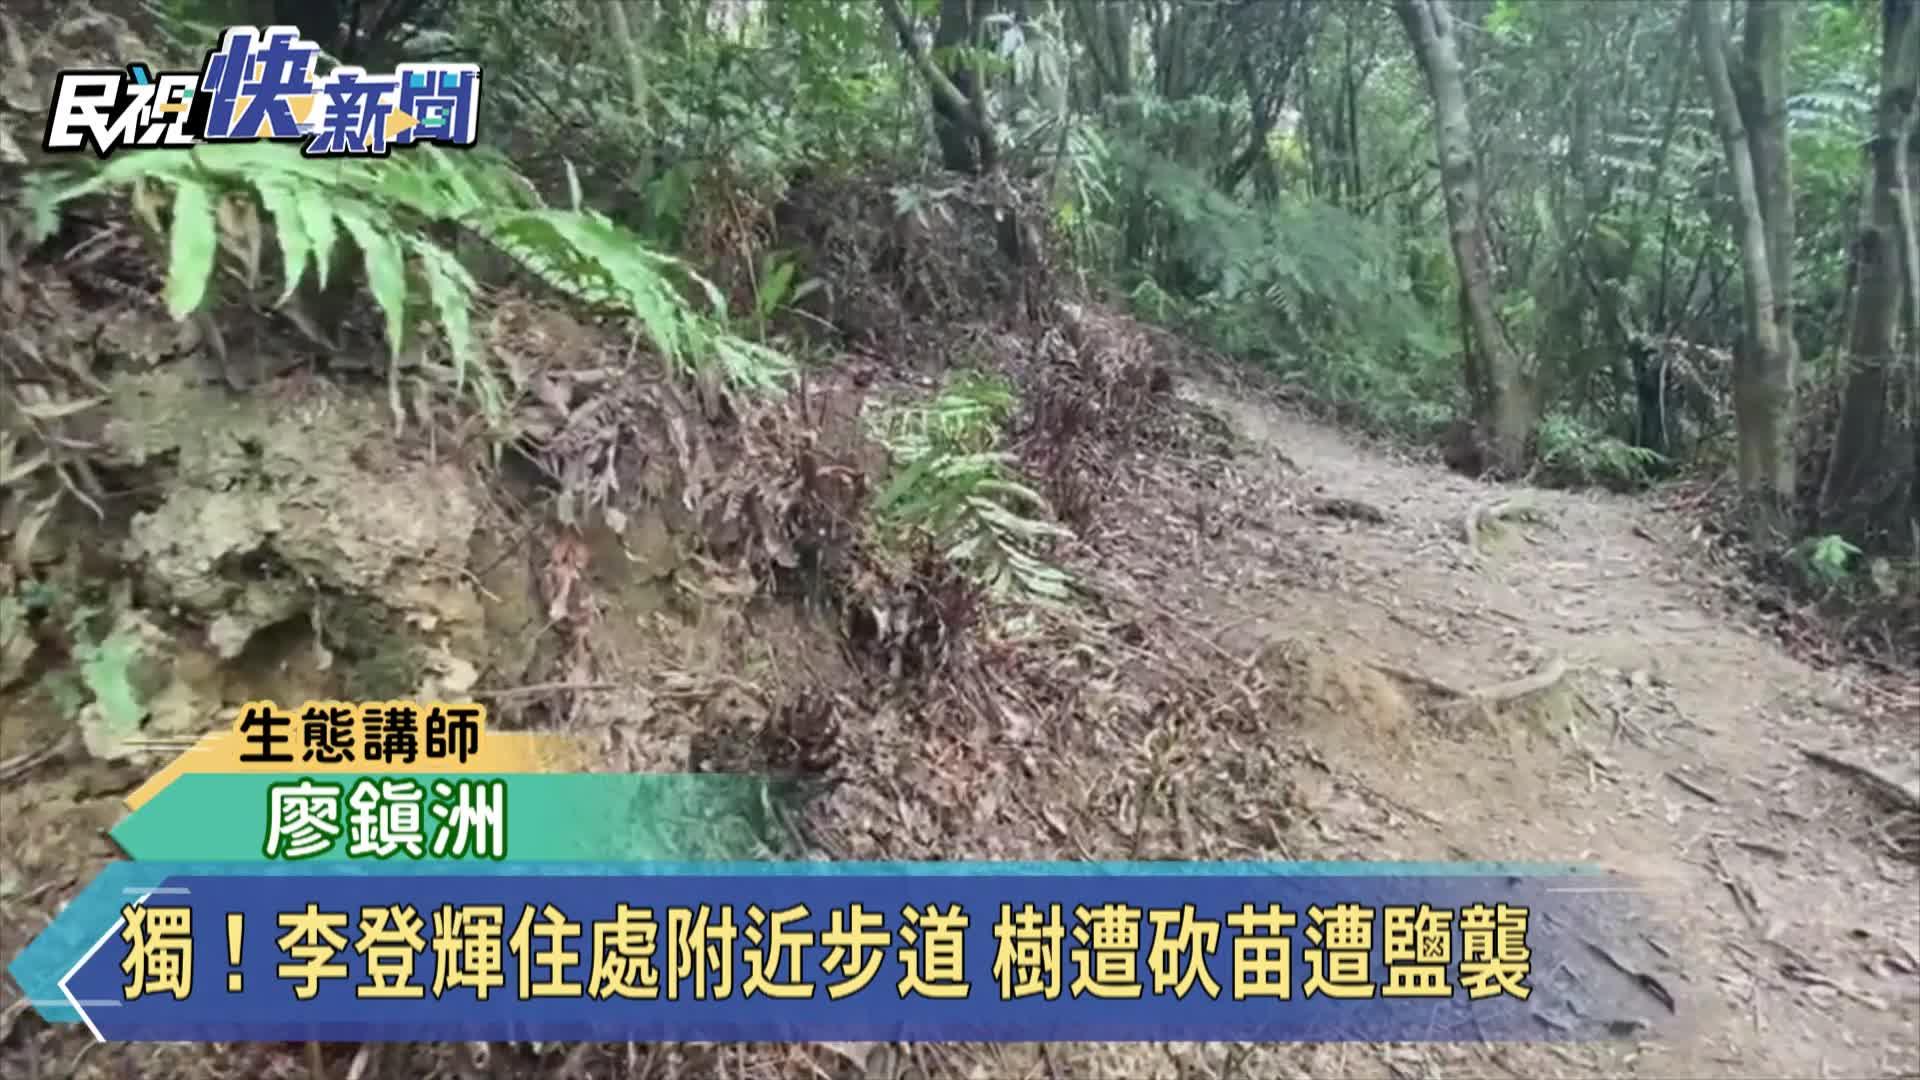 獨!李登輝住處附近步道 樹遭砍苗遭鹽襲